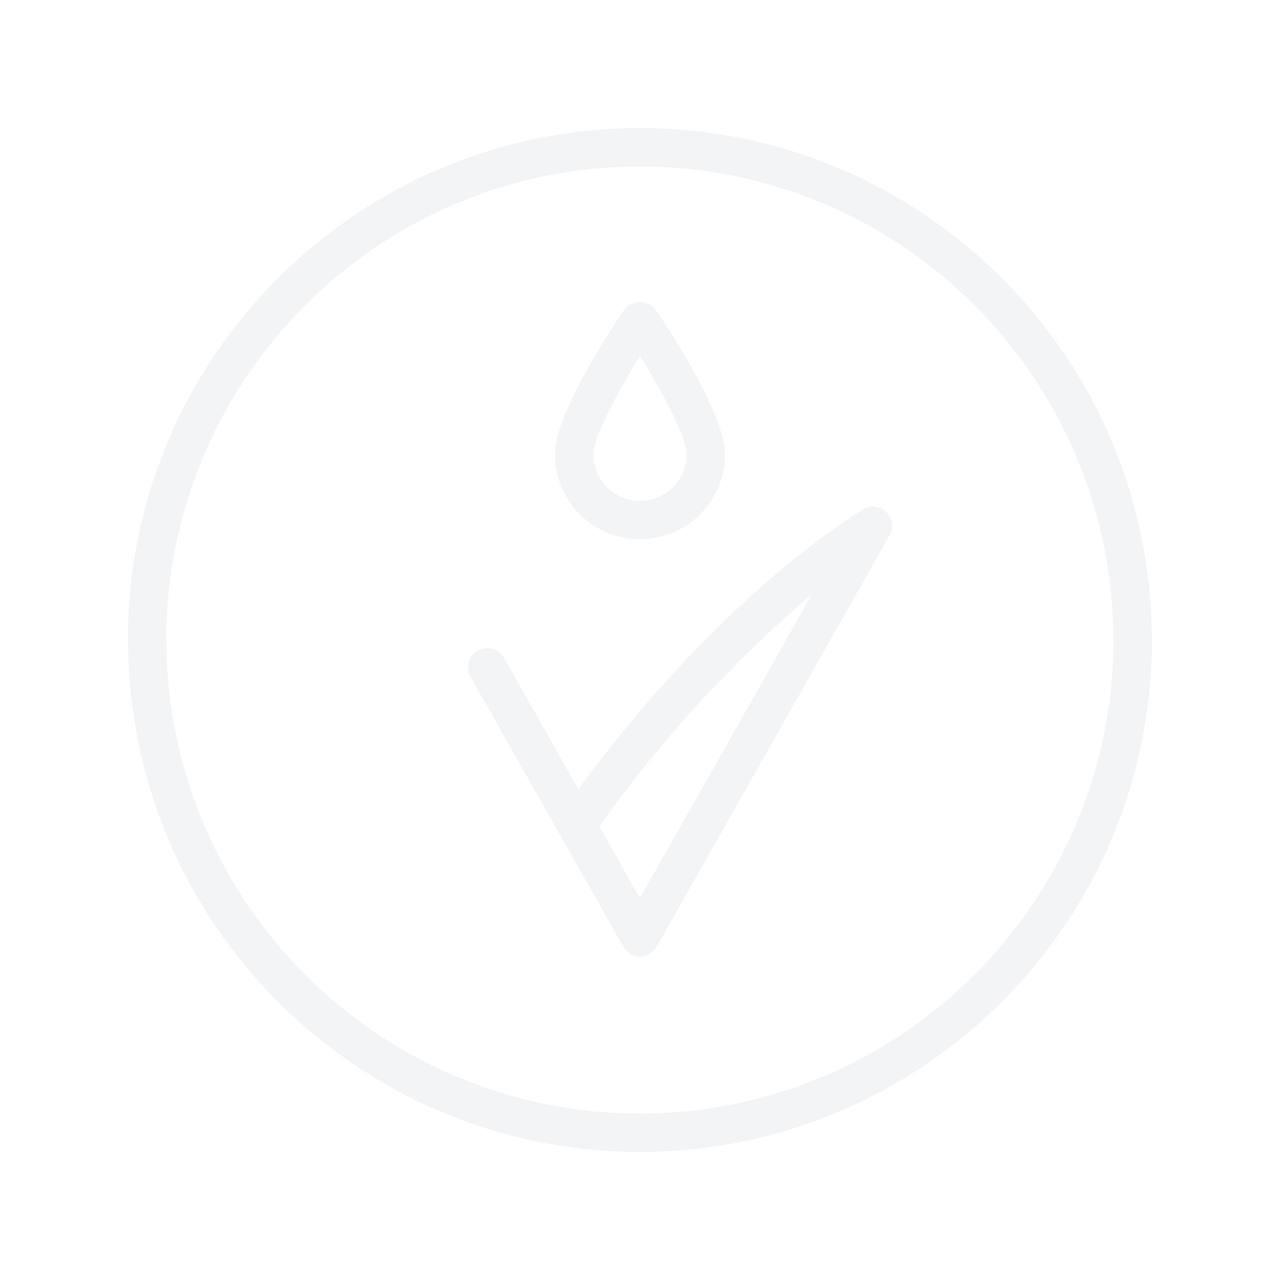 WELLA PROFESSIONALS Invigo Nutri-Enrich Mask 30ml